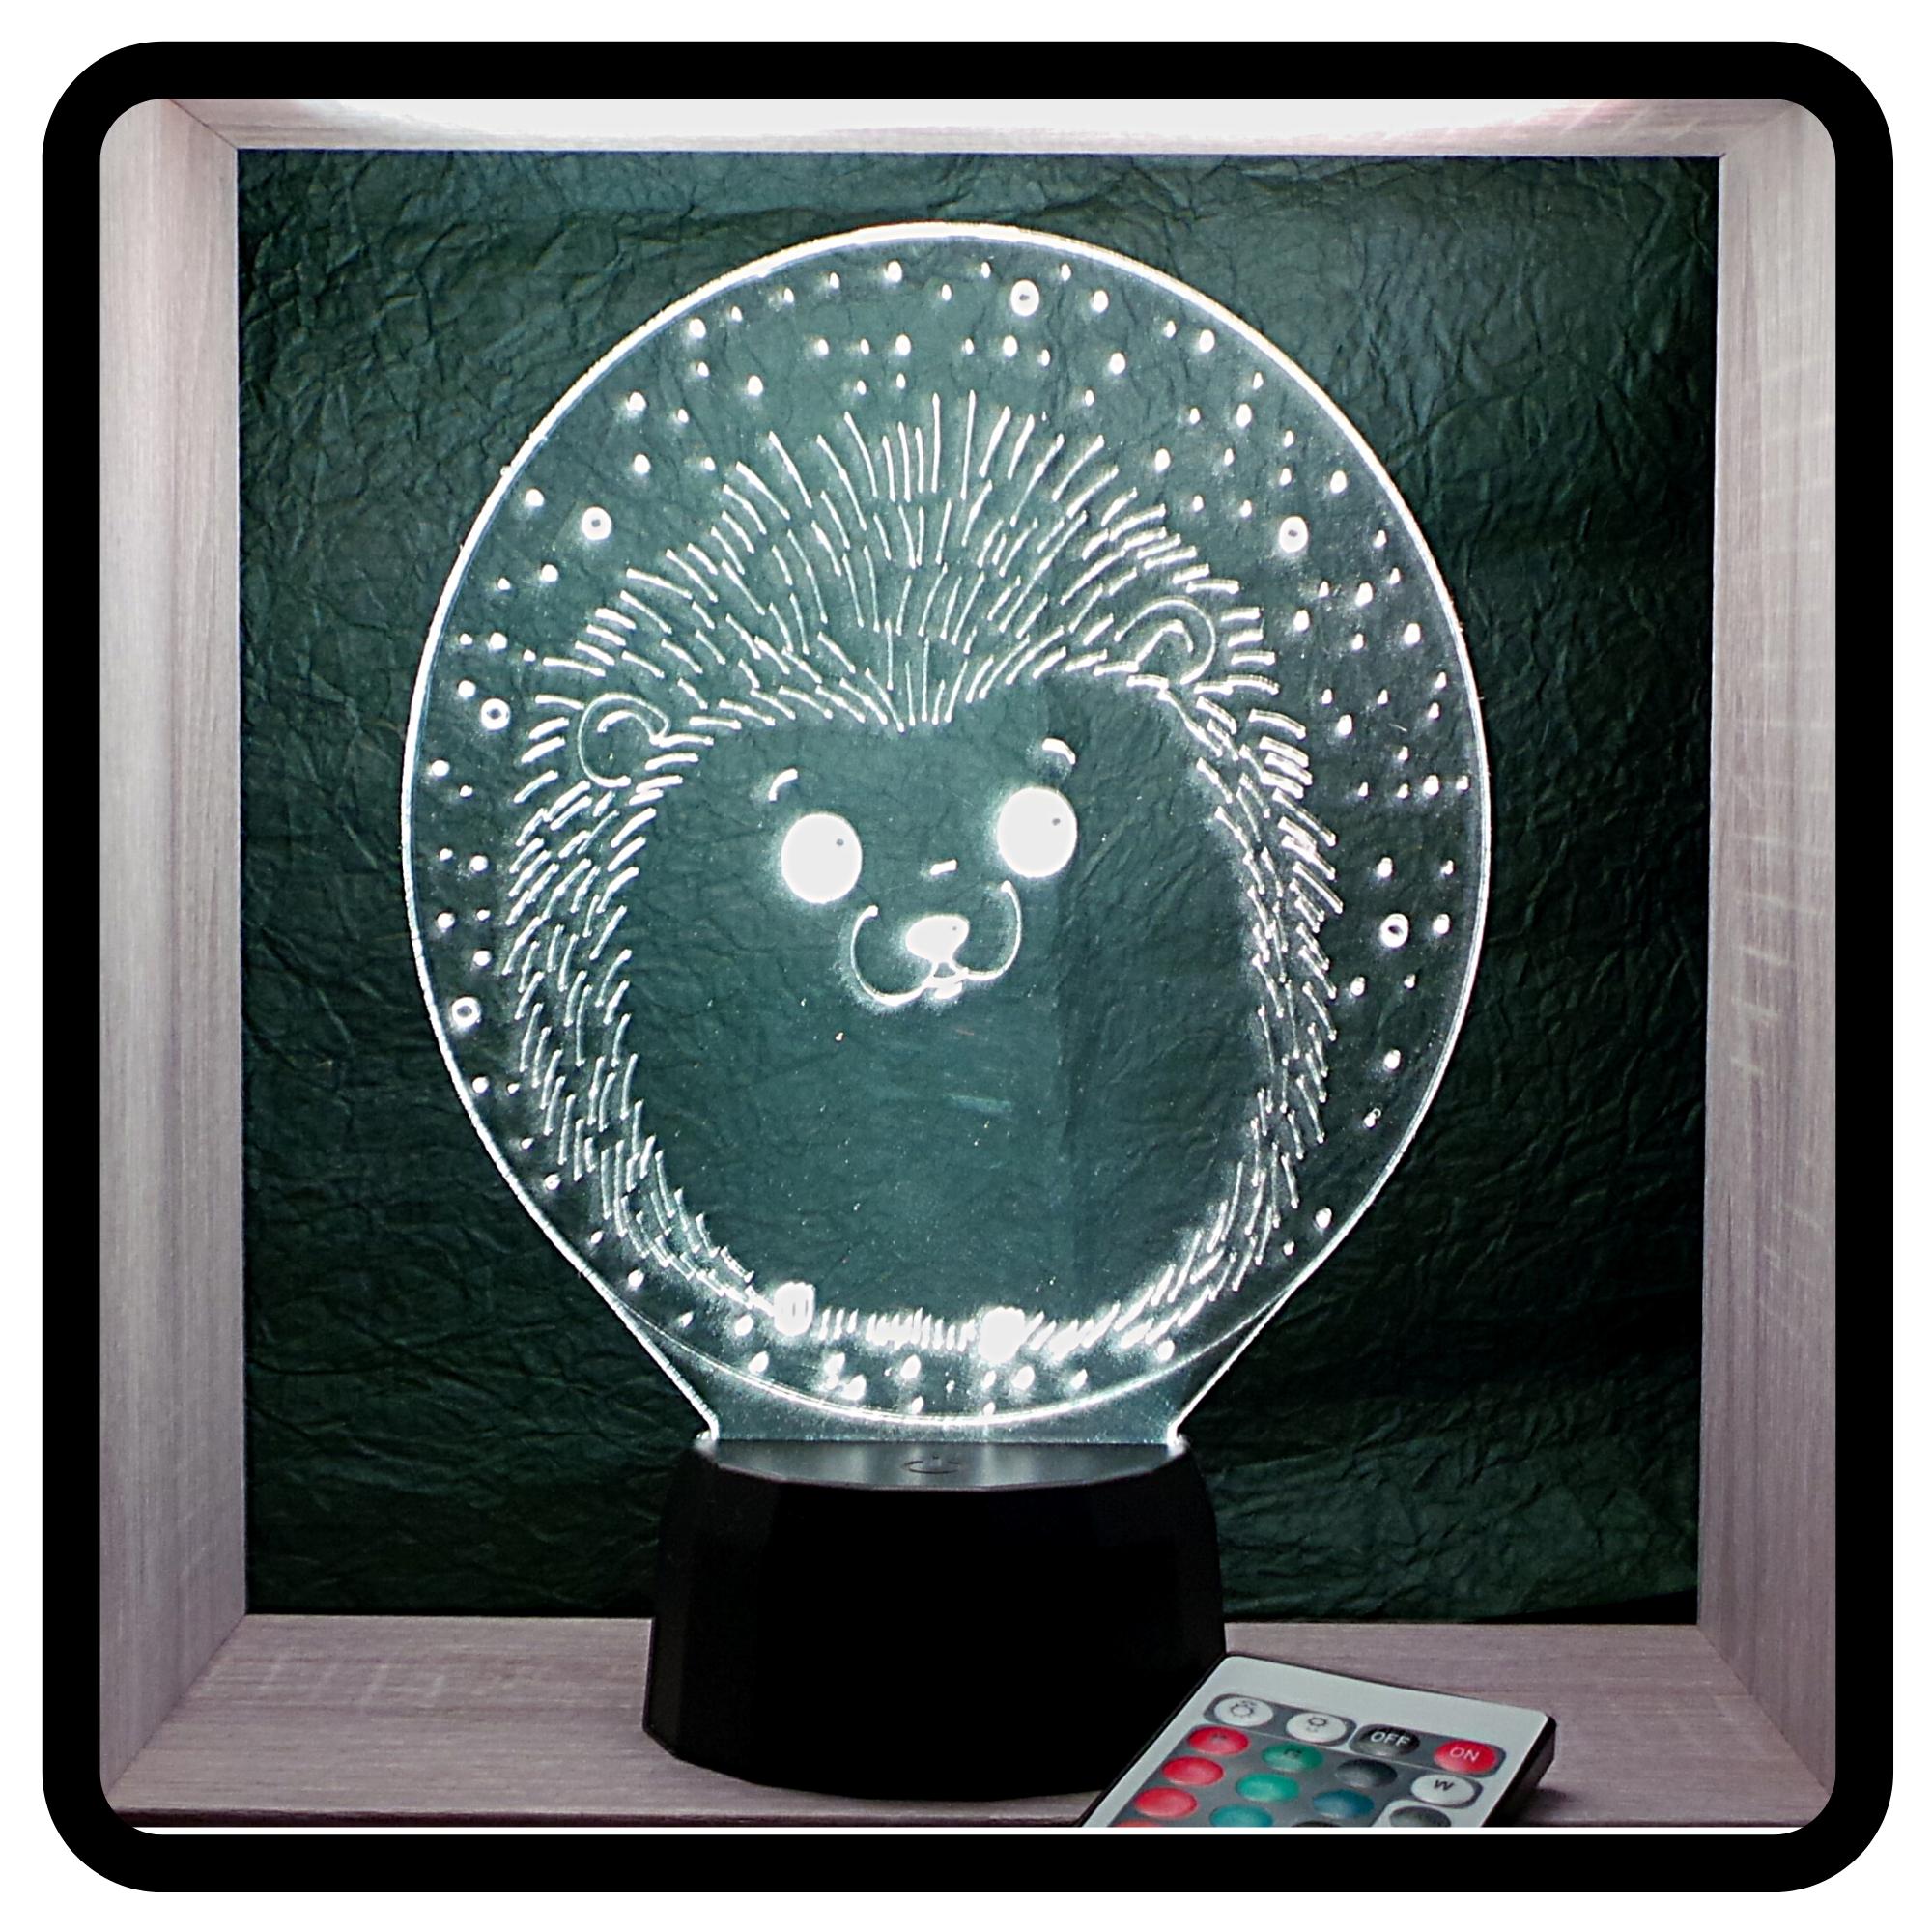 Baba sündisznó süni mintás 3d illúzió lámpa, love and lights, egyedi ajándékok boltja